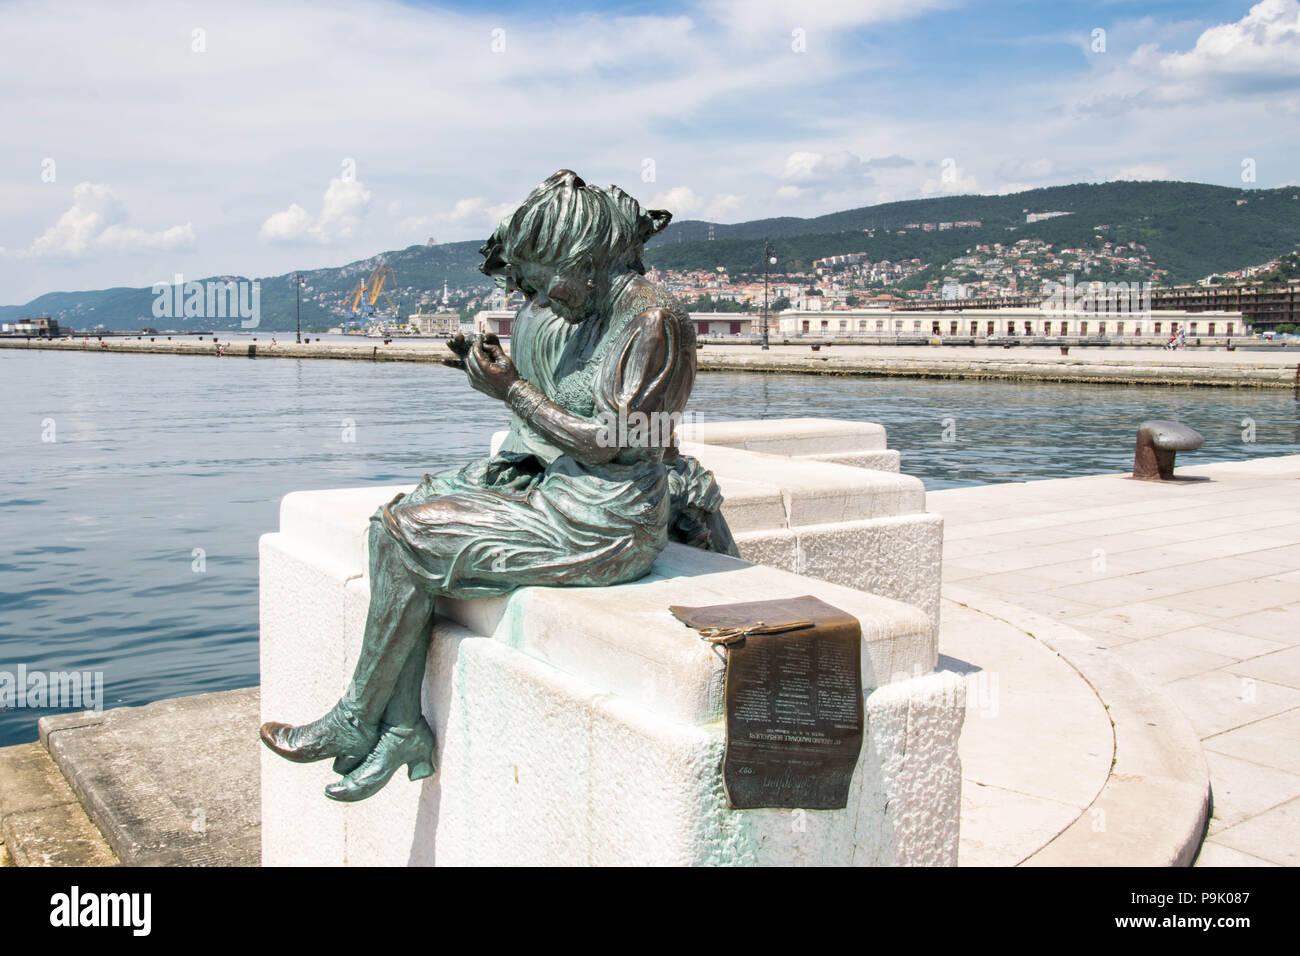 Europa, Italien, Triest - eine der Zahlen von Scala Reale Denkmal in Triest, in der Nähe von dem Molo Audace. Stockfoto